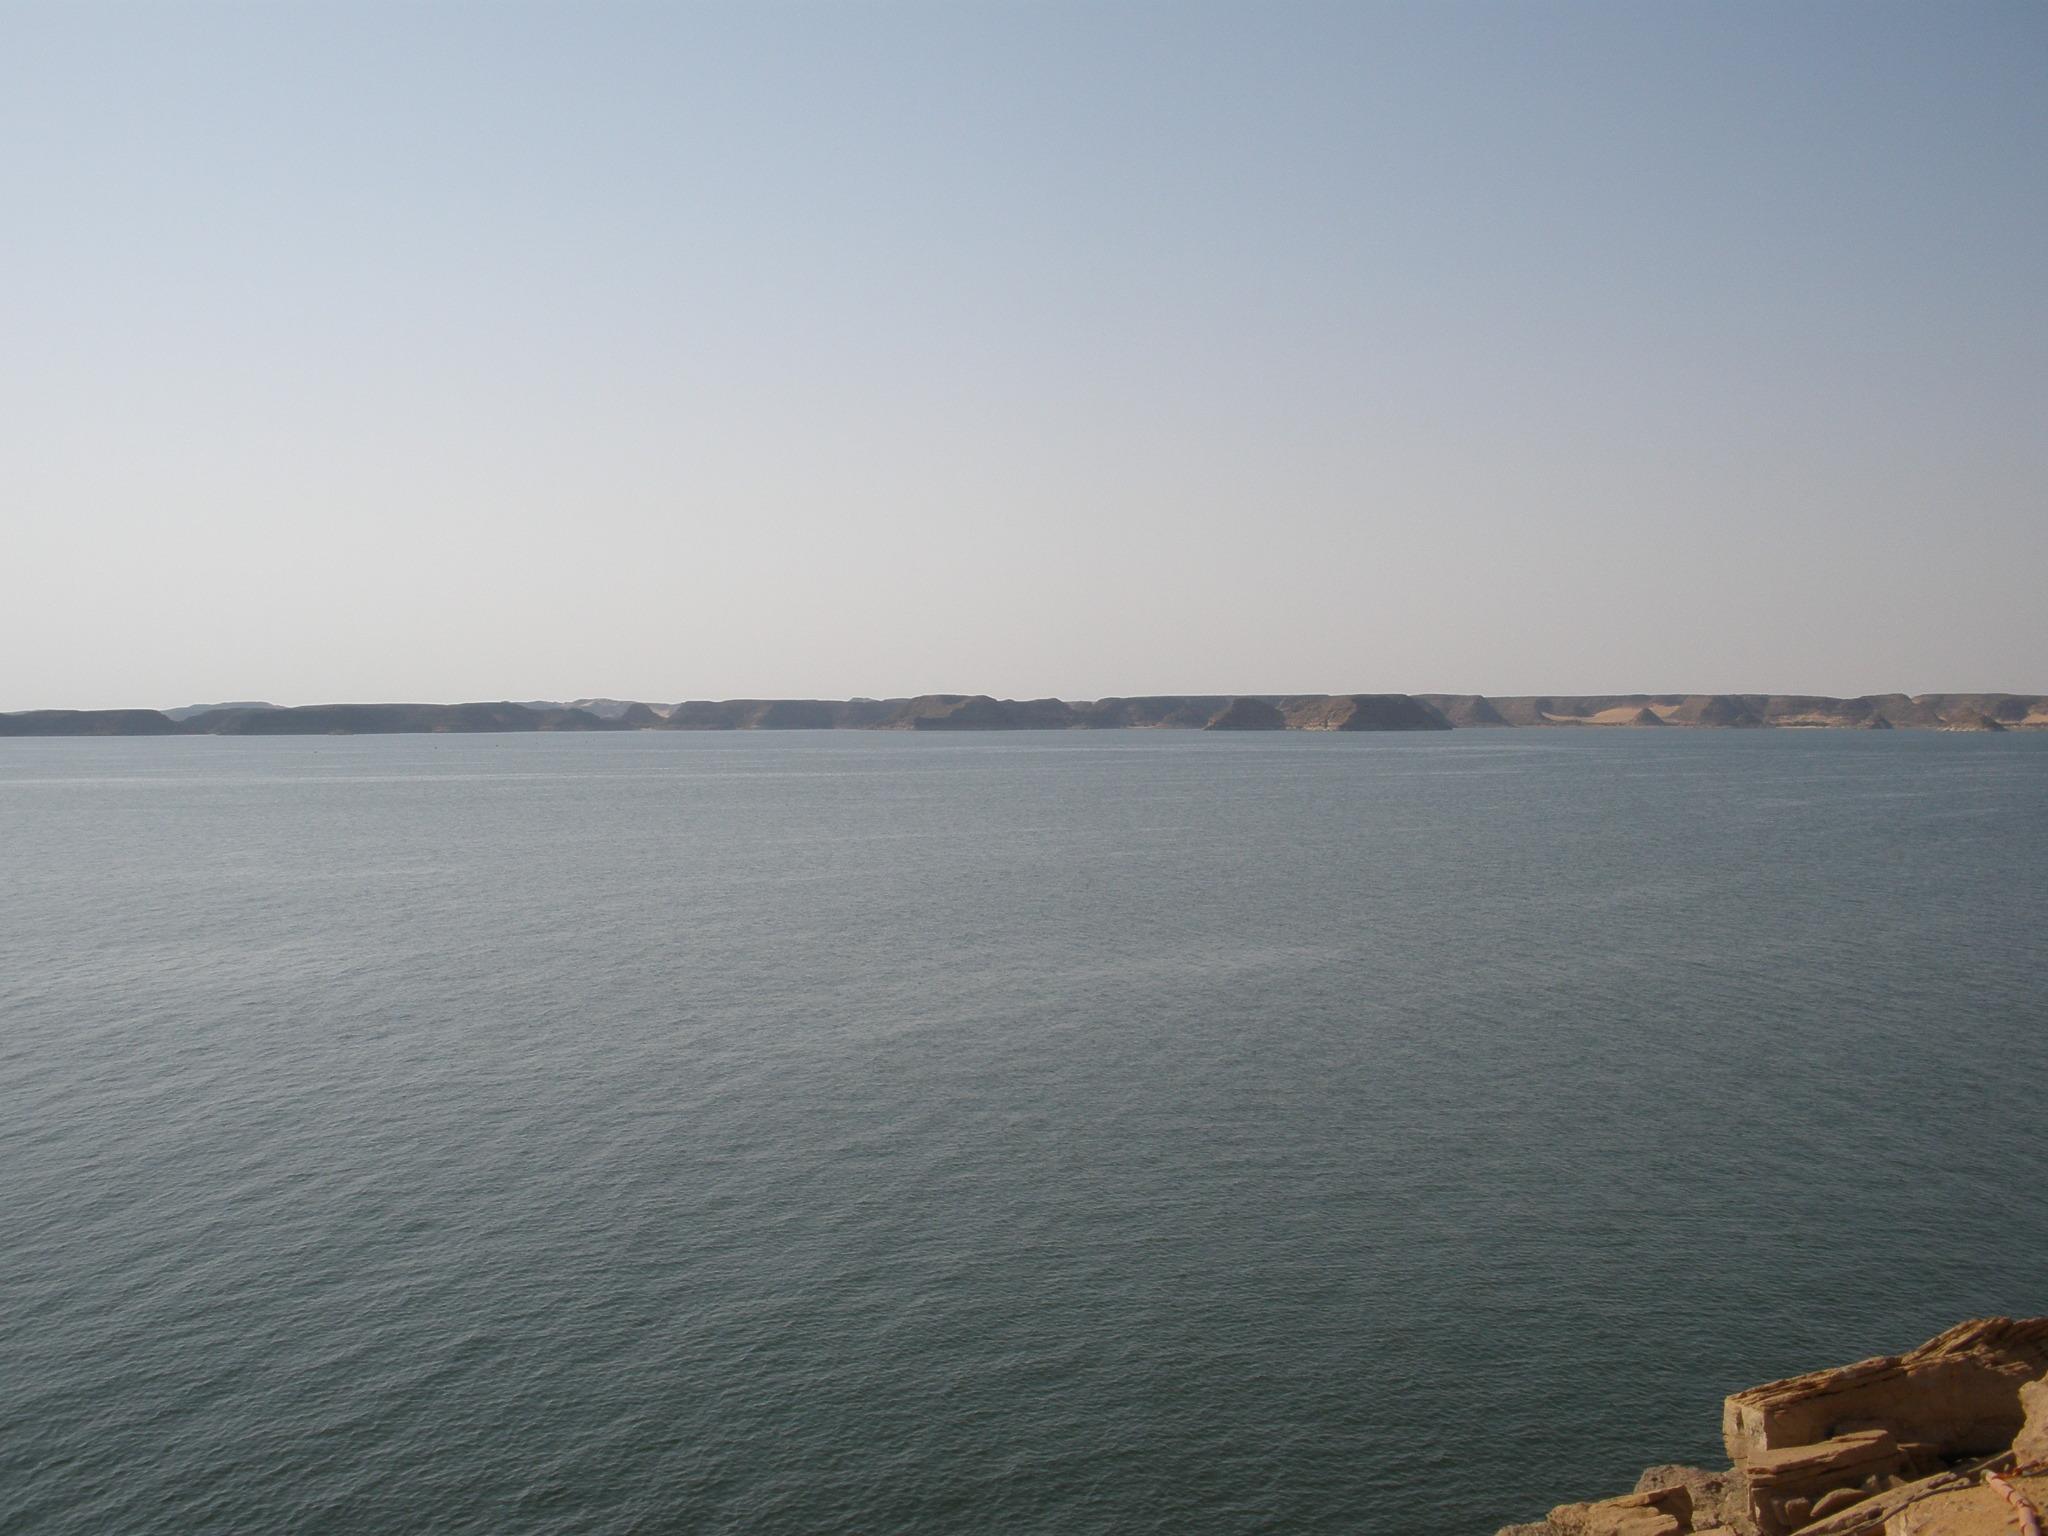 Presa de Aswan - Lago Nasser